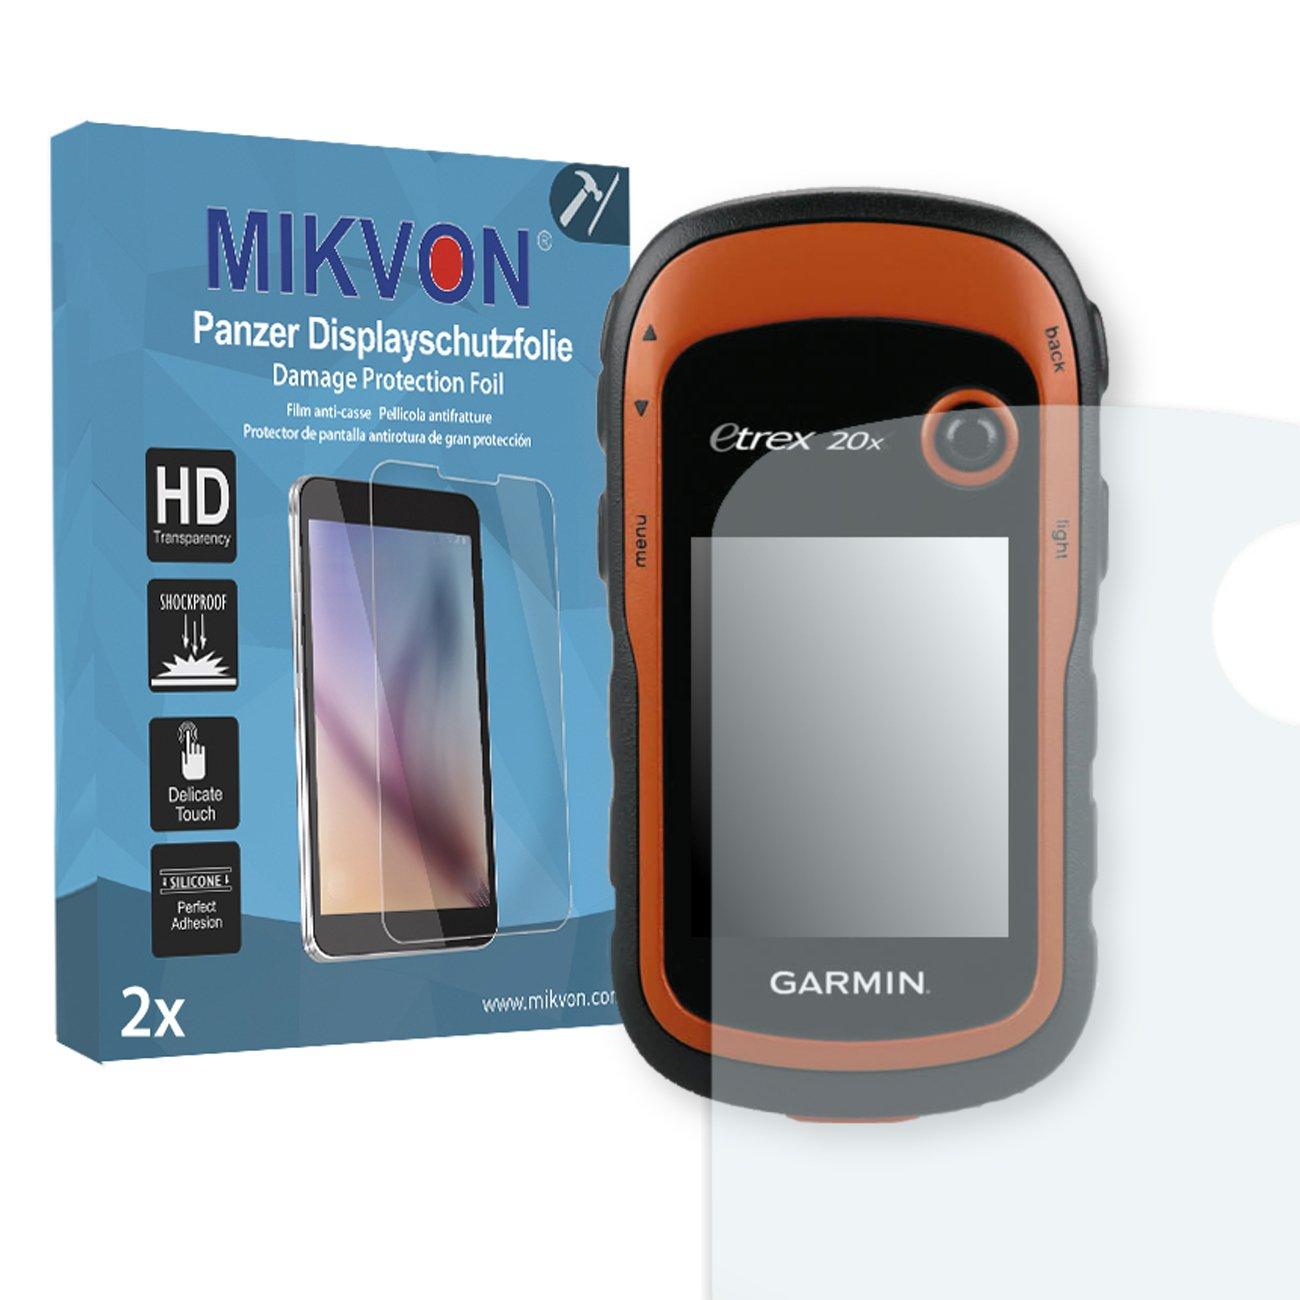 2x protector de pantalla mate para Canon EOS 6d lámina protectora protector de pantalla Lámina